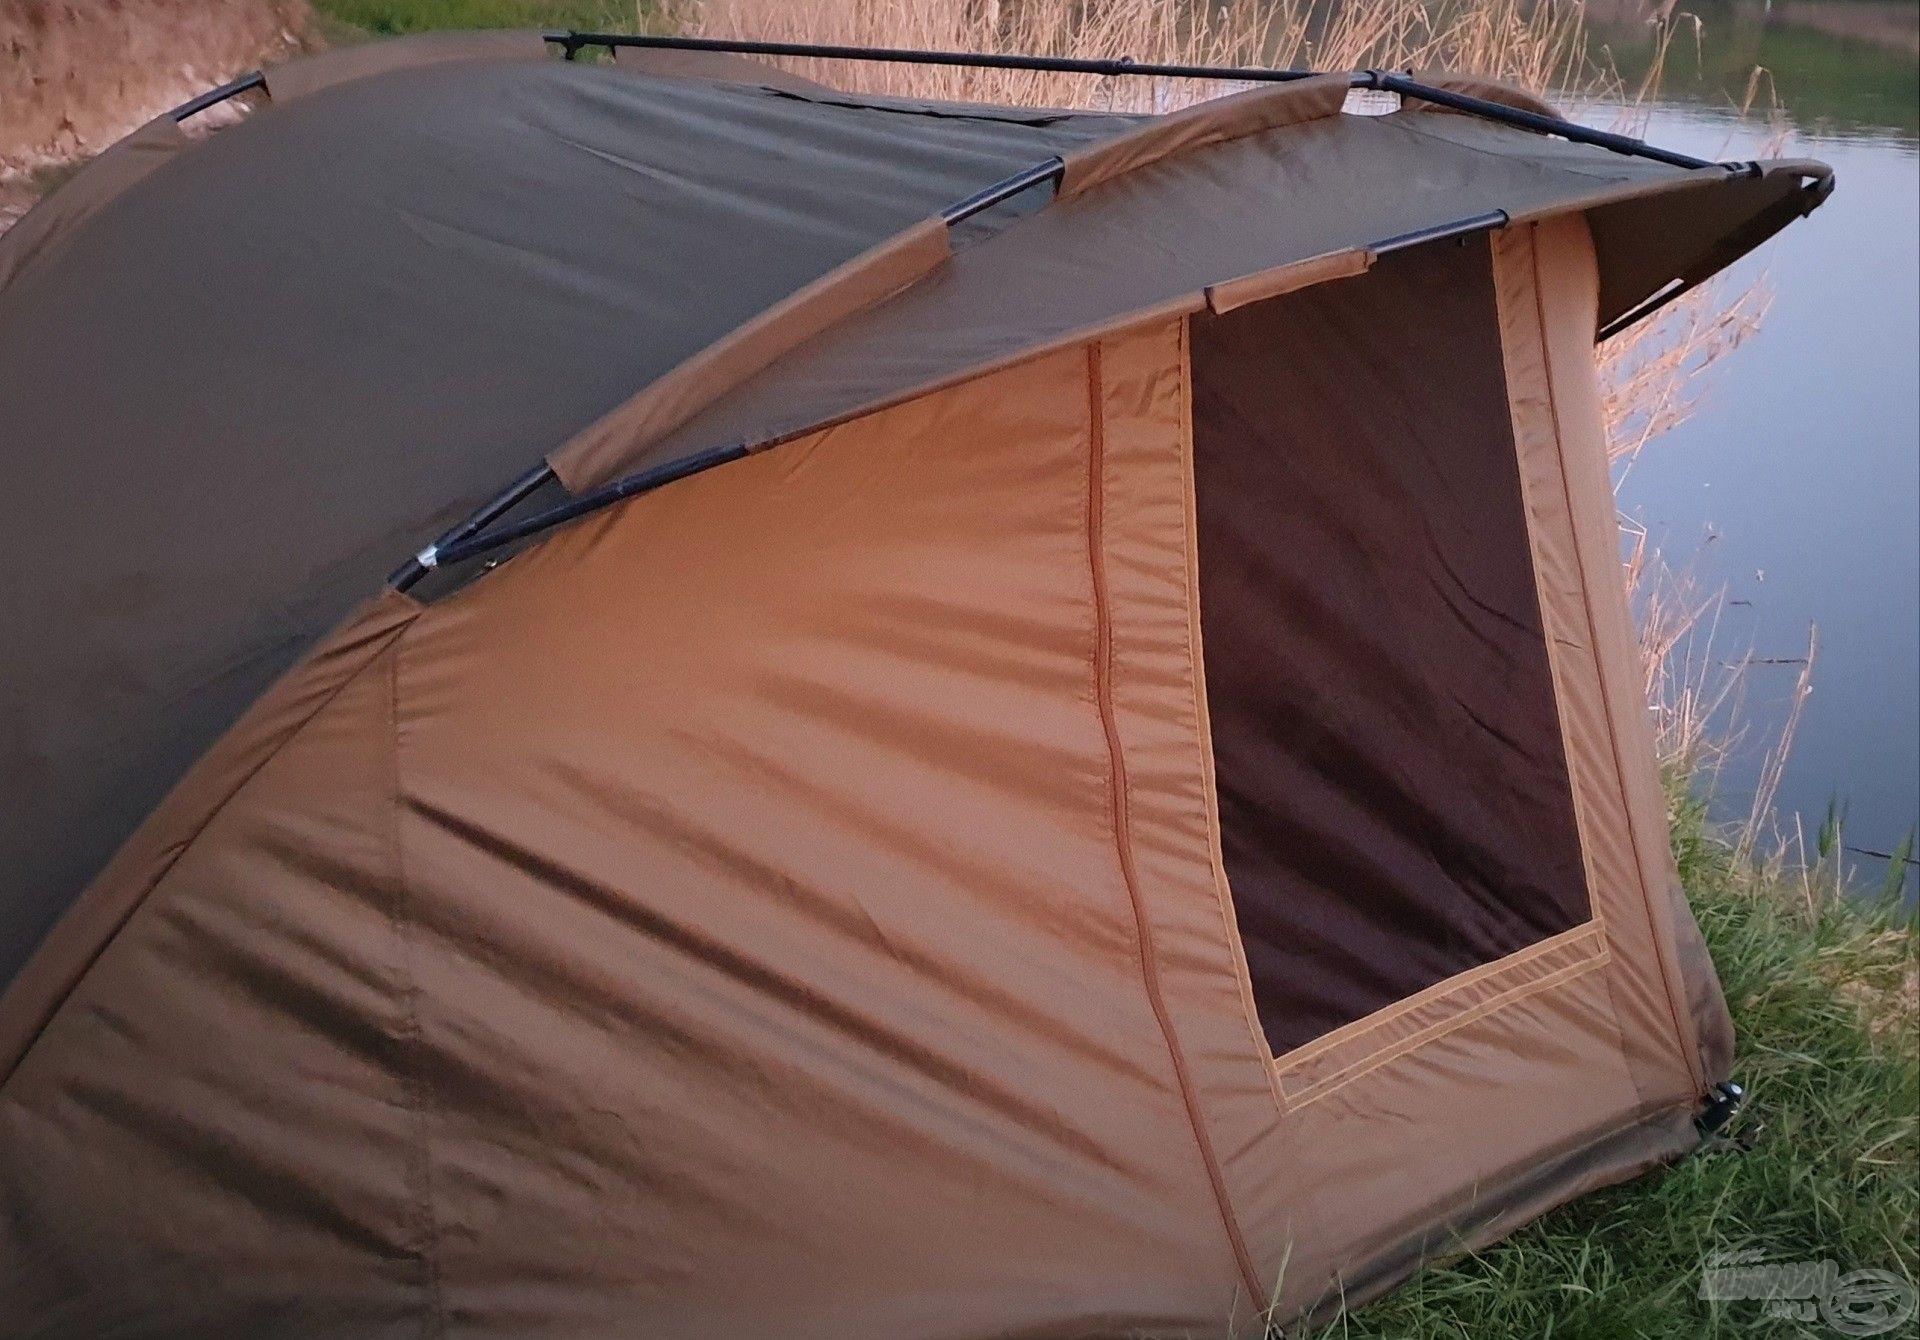 Kényelmemet ez a sátor is biztosította, mely a gyötrő szúnyogok ellen is védelmet nyújtott